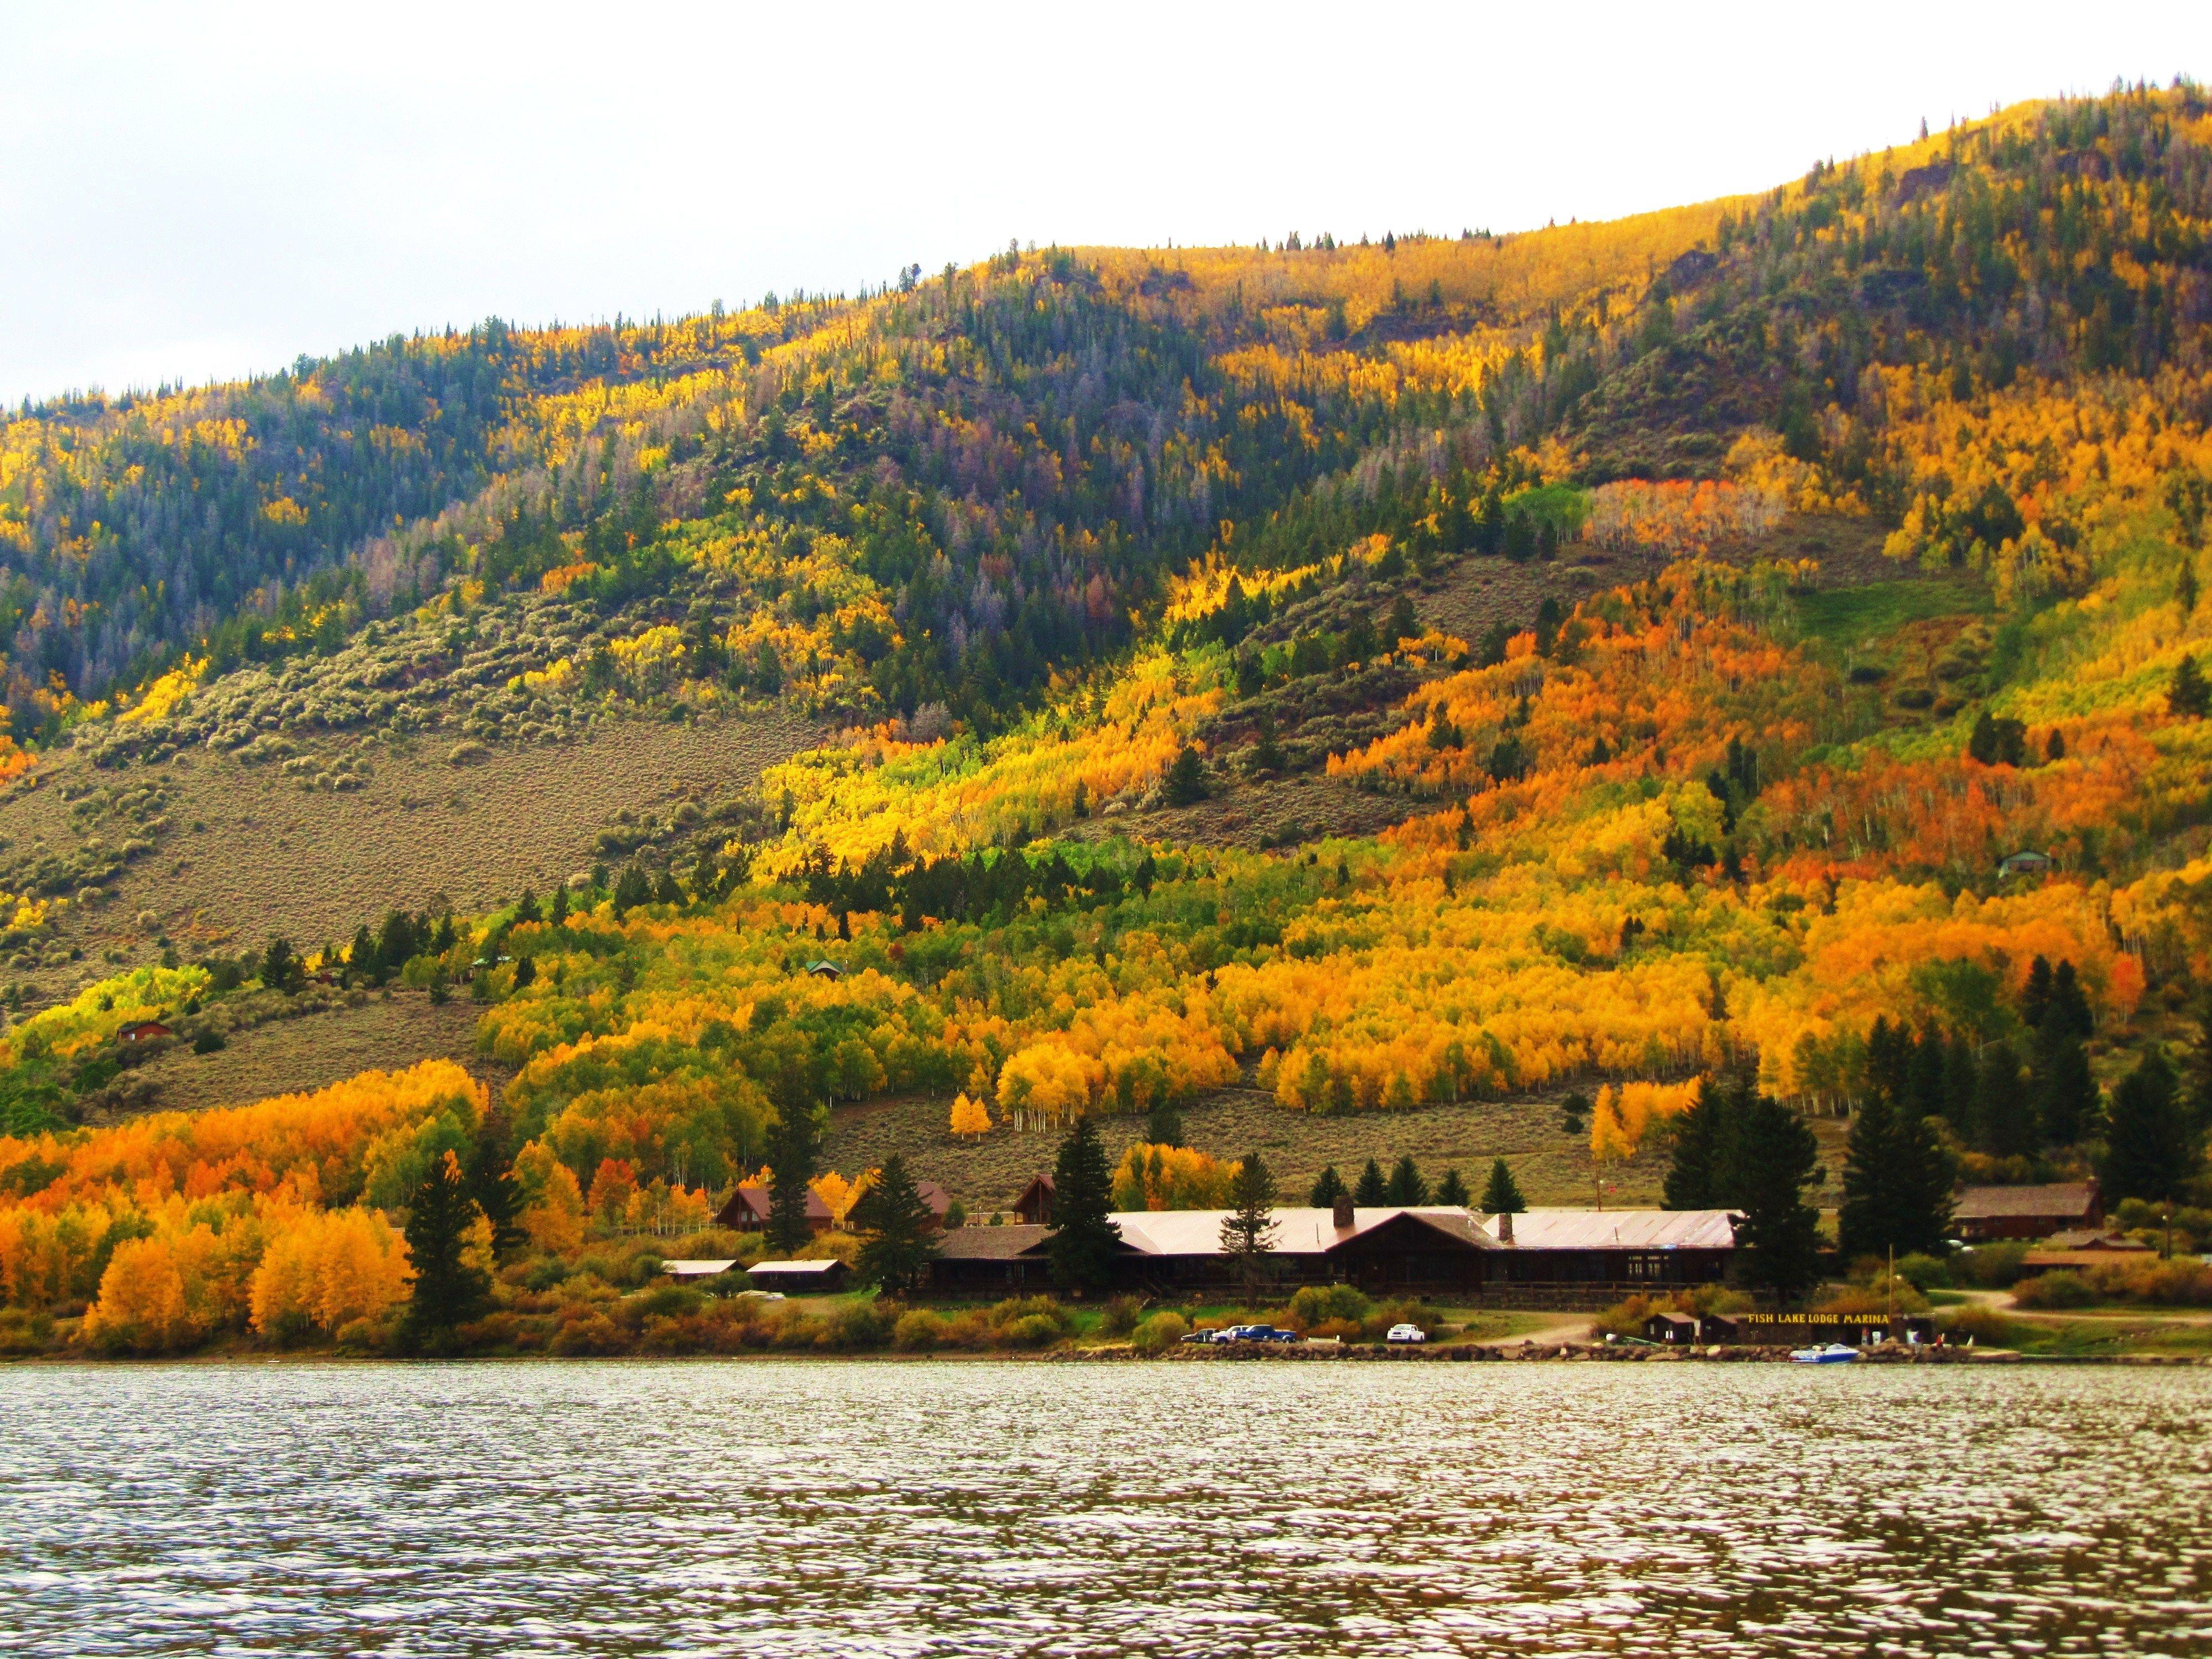 Fish lake utah in late september 2012 favorite places for Fish lake utah